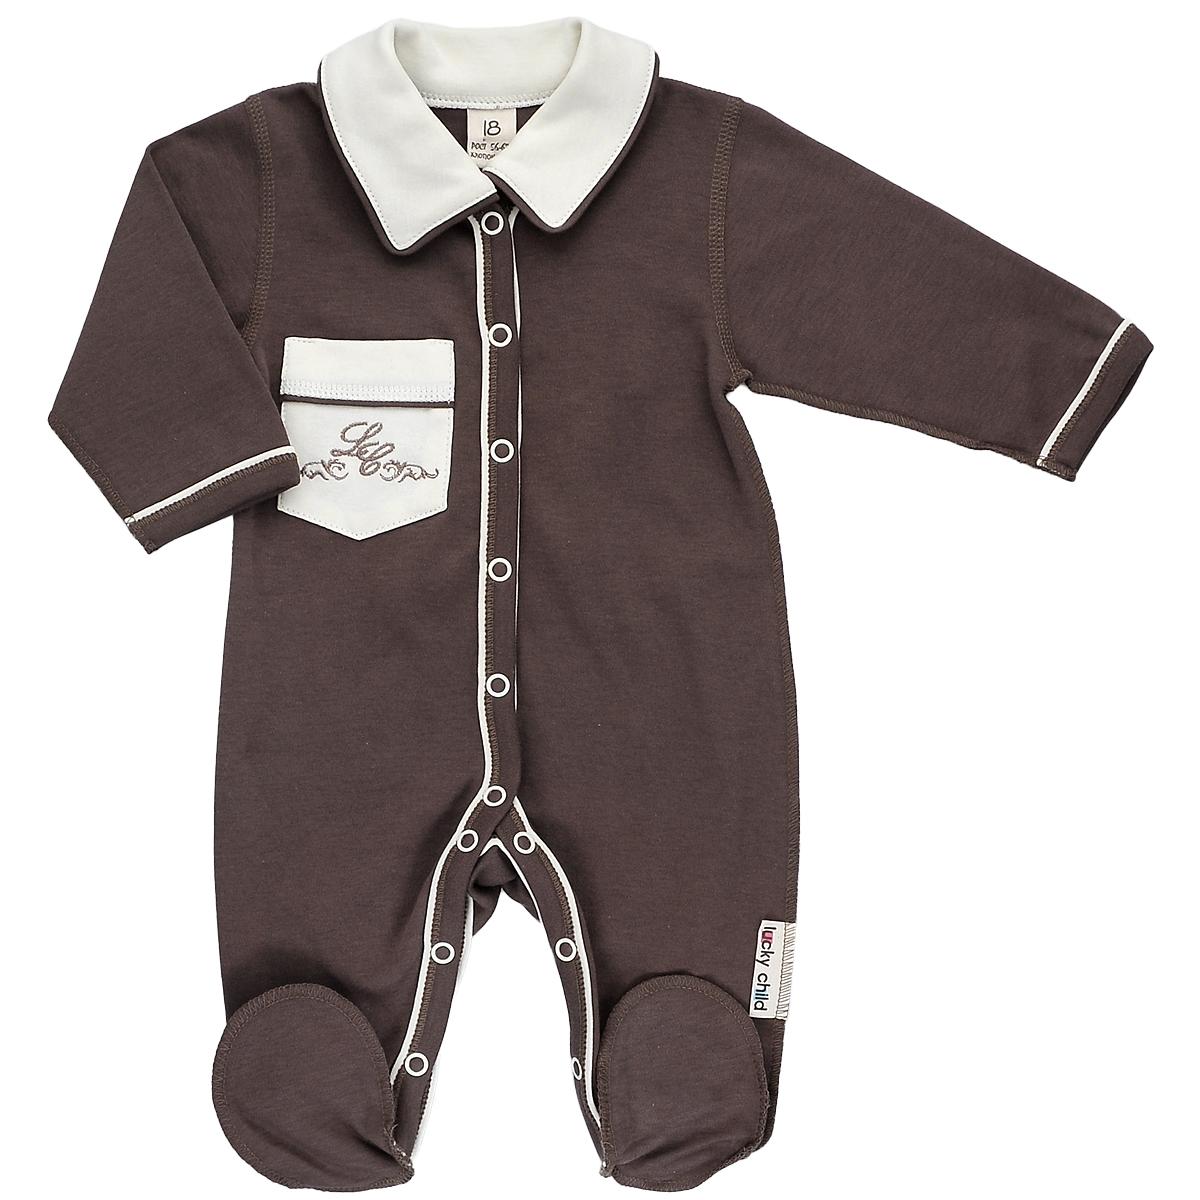 20-1Детский комбинезон Lucky Child - очень удобный и практичный вид одежды для малышей. Комбинезон выполнен из натурального хлопка, благодаря чему он необычайно мягкий и приятный на ощупь, не раздражает нежную кожу ребенка и хорошо вентилируется, а плоские швы приятны телу ребенка и не препятствуют его движениям. Комбинезон с длинными рукавами, отложным воротничком и закрытыми ножками, выполнен швами наружу. Он застегивается на кнопки от горловины до щиколоток, благодаря чему переодеть младенца или сменить подгузник будет легко. Низ рукавов и планка с кнопками дополнены контрастными вставками. Спереди на комбинезоне имеется накладной кармашек, декорированный вышивкой. Воротник выполнен в контрастном цвете. С детским комбинезоном спинка и ножки вашего ребенка всегда будут в тепле, он идеален для использования днем и незаменим ночью. Комбинезон полностью соответствует особенностям жизни младенца в ранний период, не стесняя и не ограничивая его в движениях!